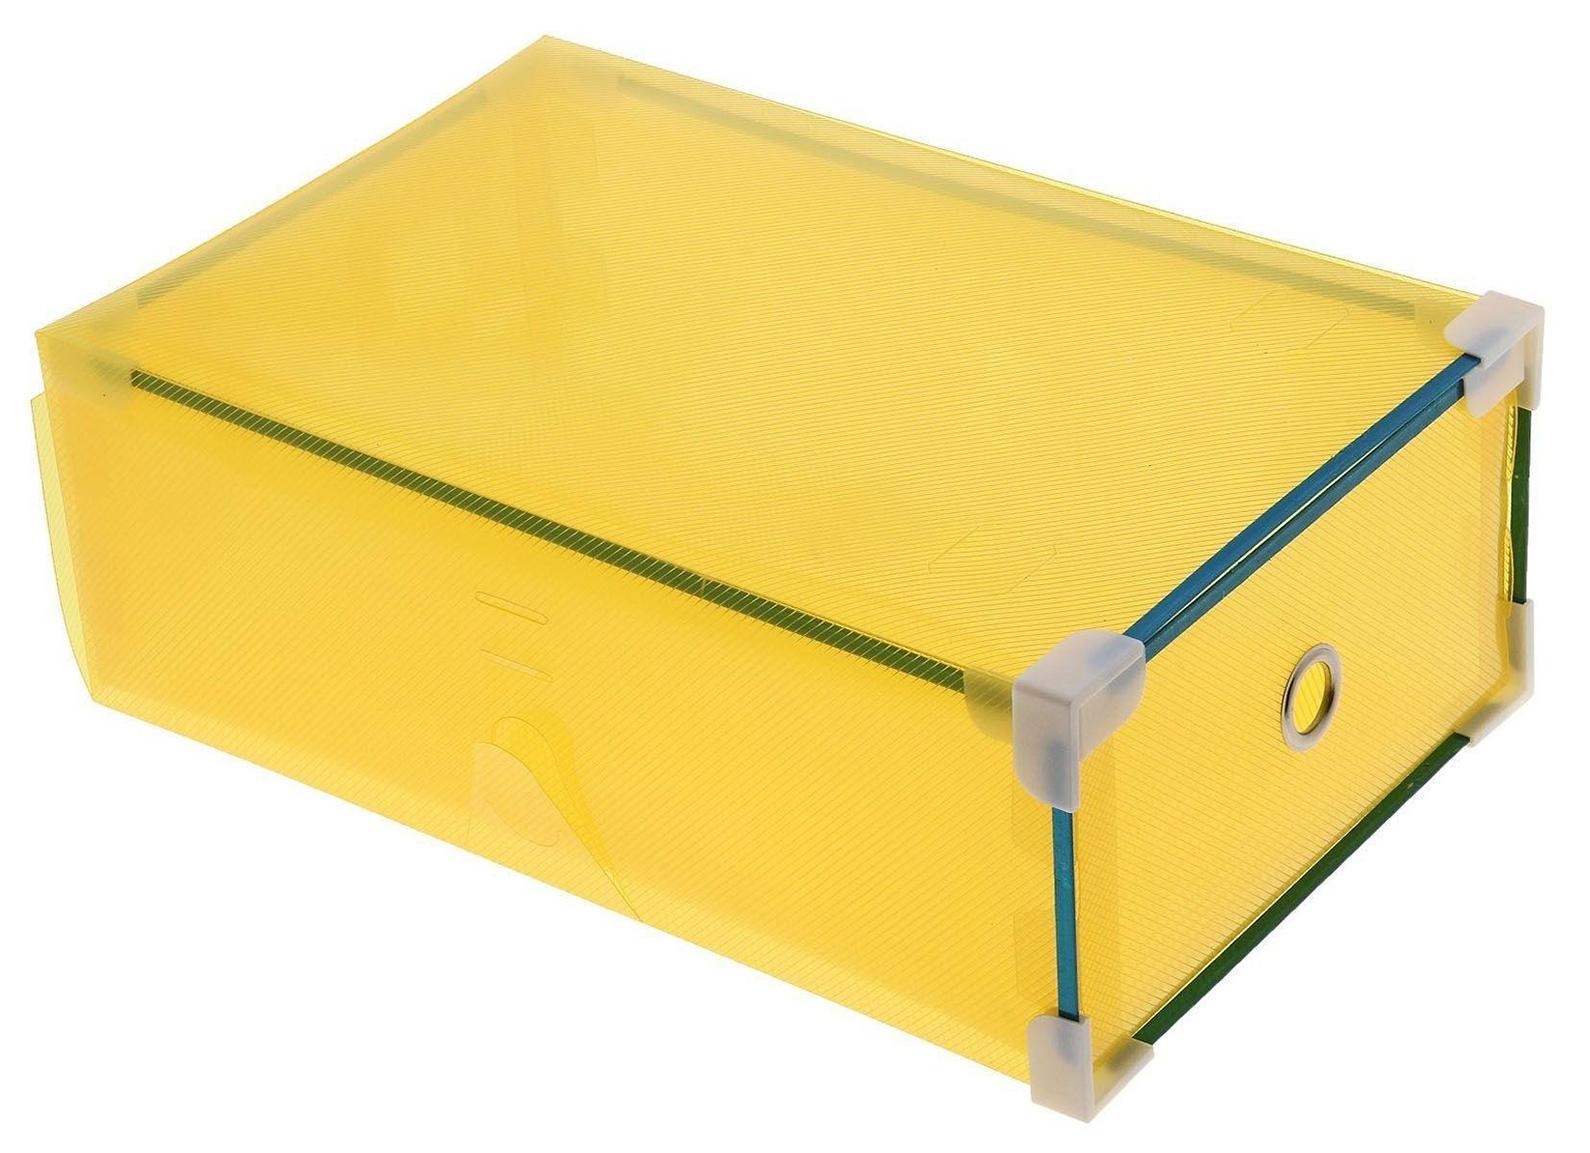 короб для хранения выдвижной 31*19,5*10,5см желтый 7099636907099630009Коробка для мелочей изготовлена из прочного пластика. Предназначена для хранения мелких бытовых мелочей, принадлежностей для шитья и т.д. Коробка оснащена плотно закрывающейся крышкой, которая предотвратит просыпание и потерю мелких вещиц. Коробка для мелочей сохранит ваши вещи в порядке. Материал: Пластик, металл